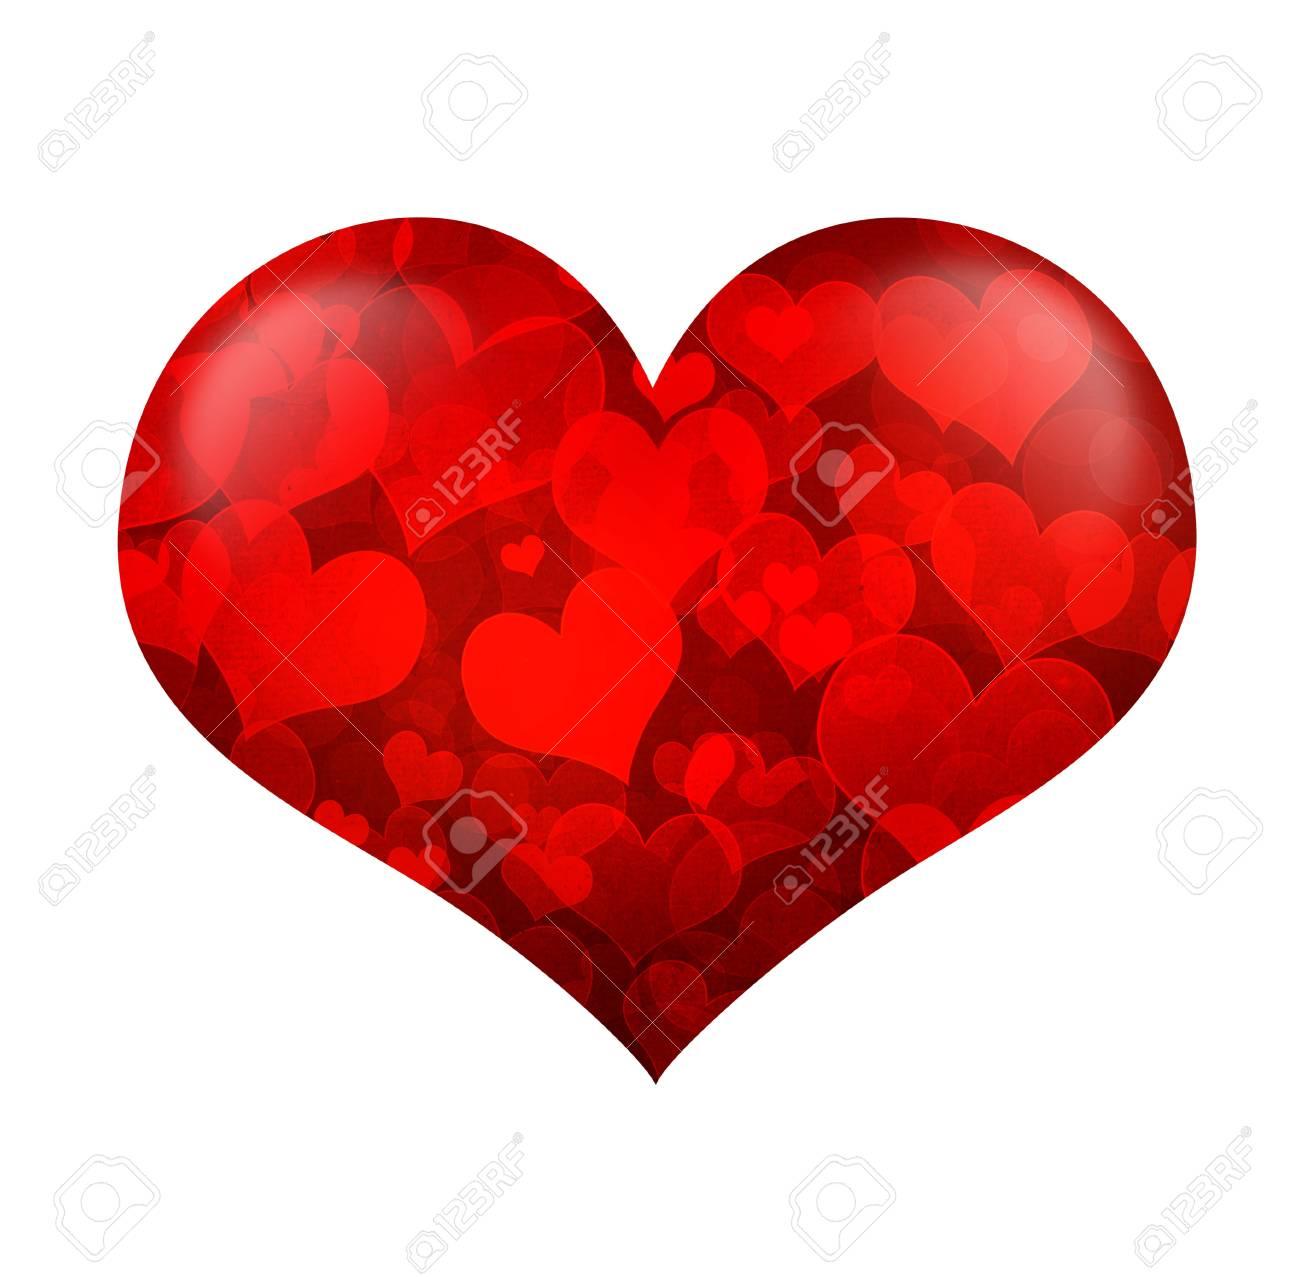 forme de coeur st valentin isolé sur fond blanc banque d'images et